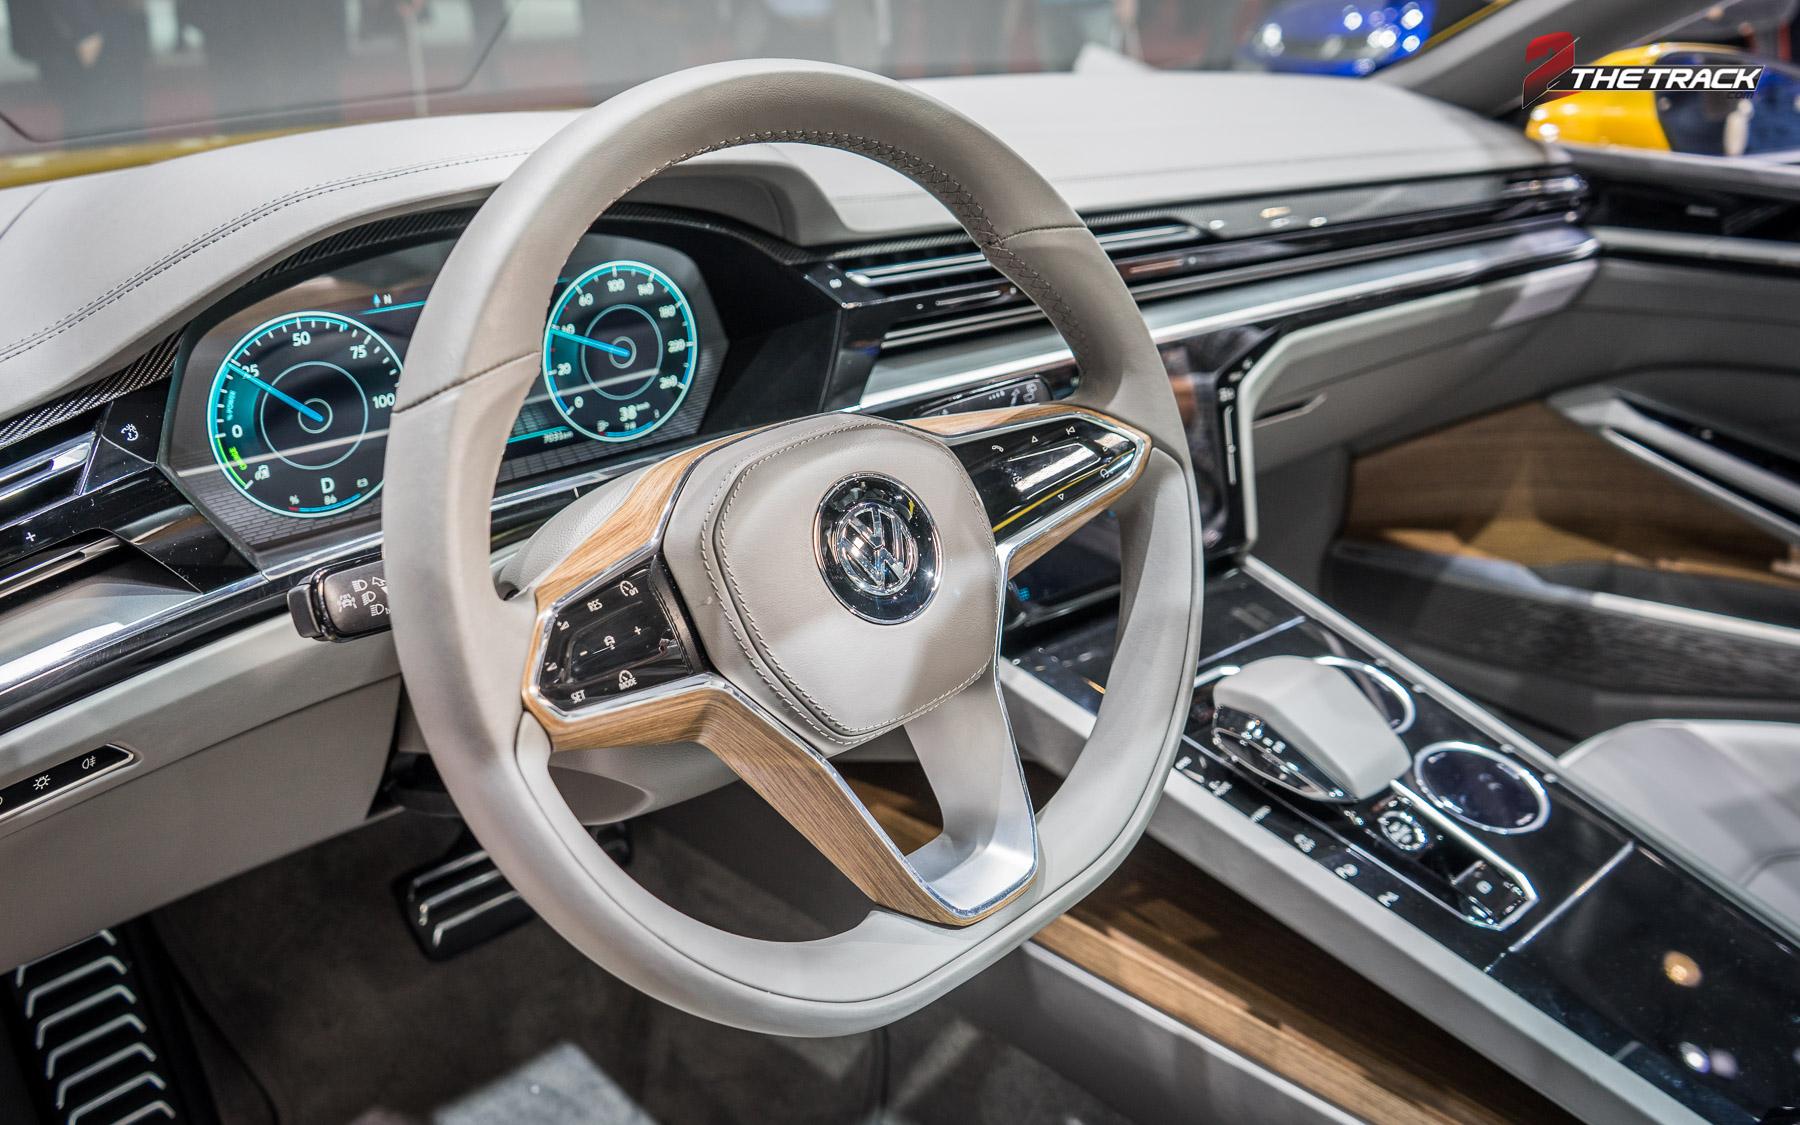 Volkswagen Sport coupe concept GTE Geneva Motor Show 2015-6